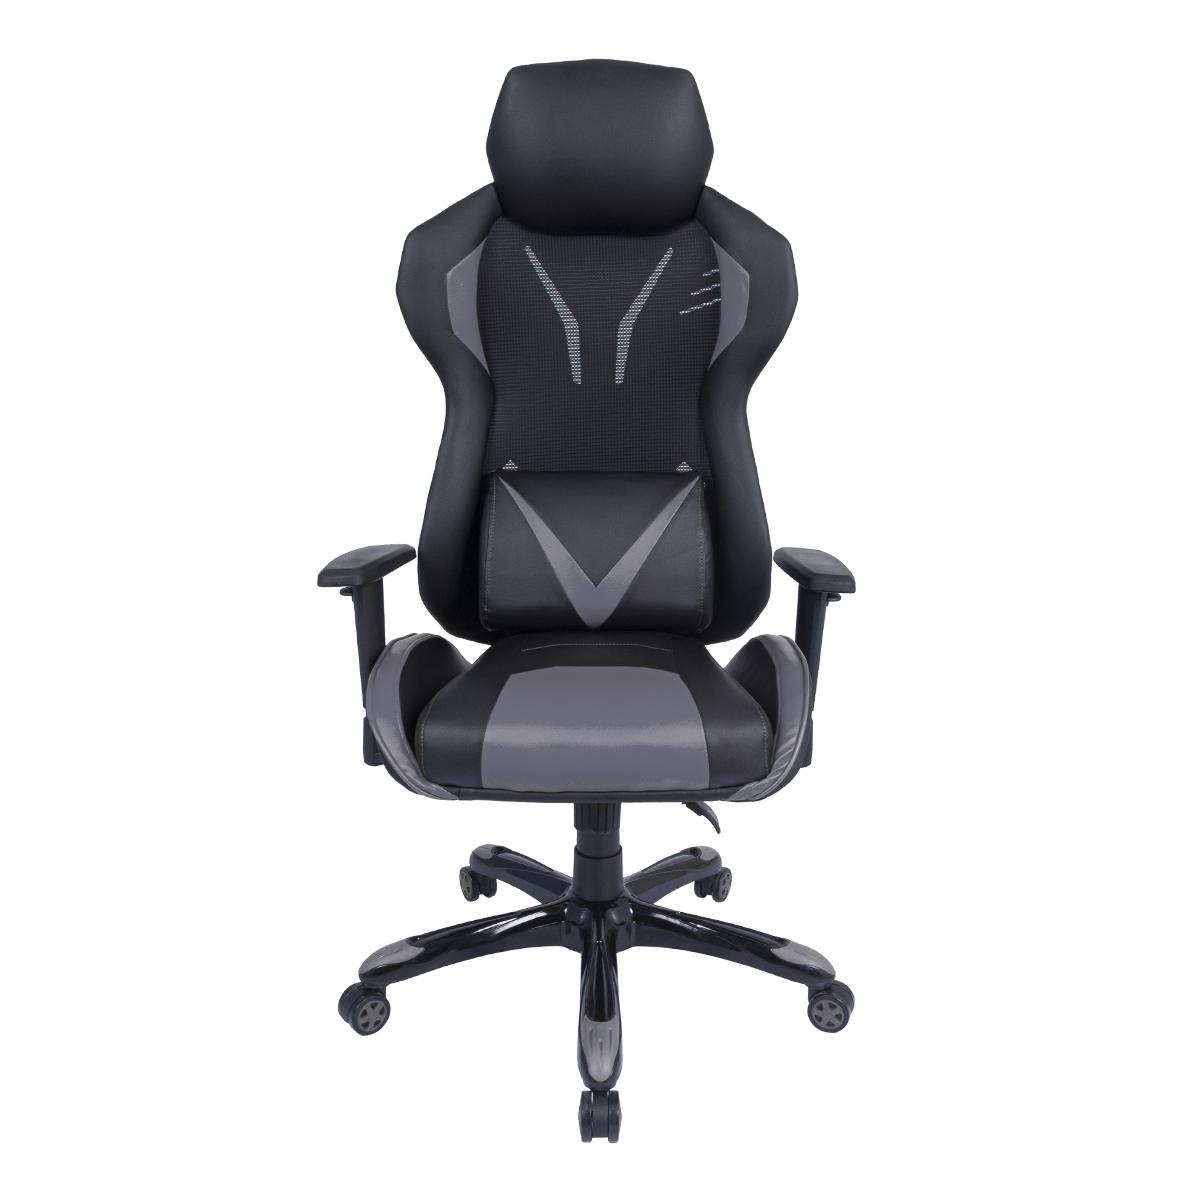 Cadeira Gamer Pelegrin em Couro PU Reclinável PEL-3015 Preta e Cinza